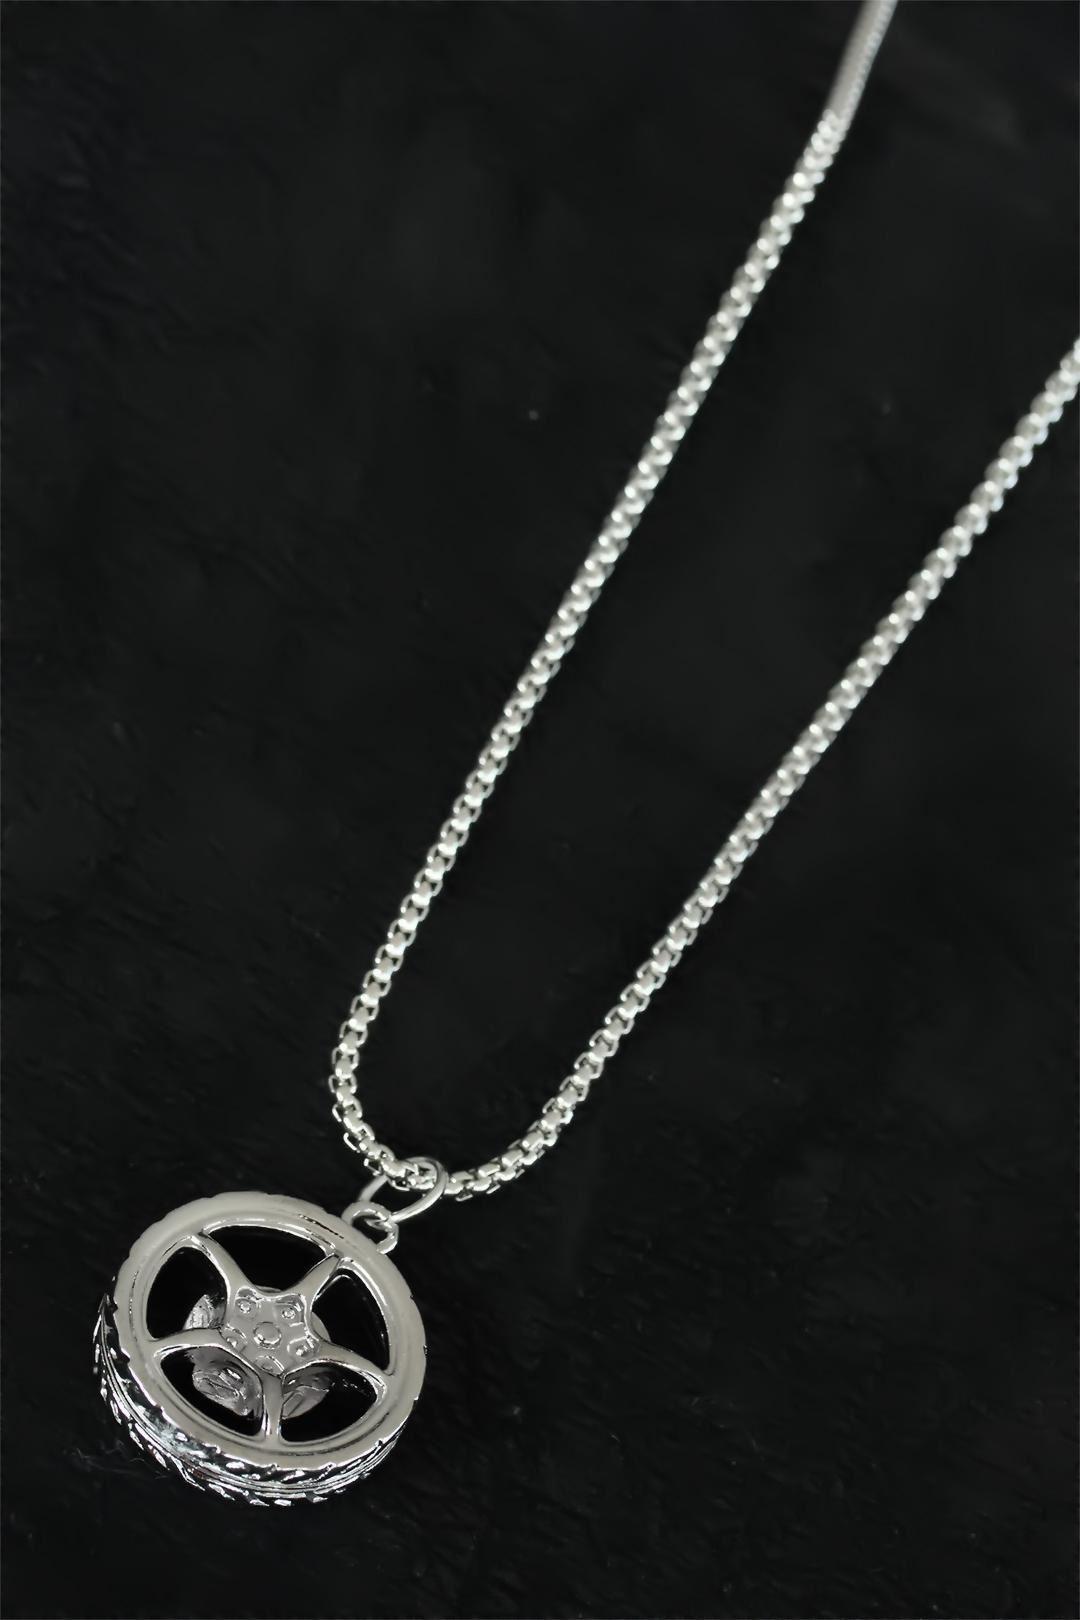 Medusa Tasarım Silver Renk Zincirli Erkek Kolye